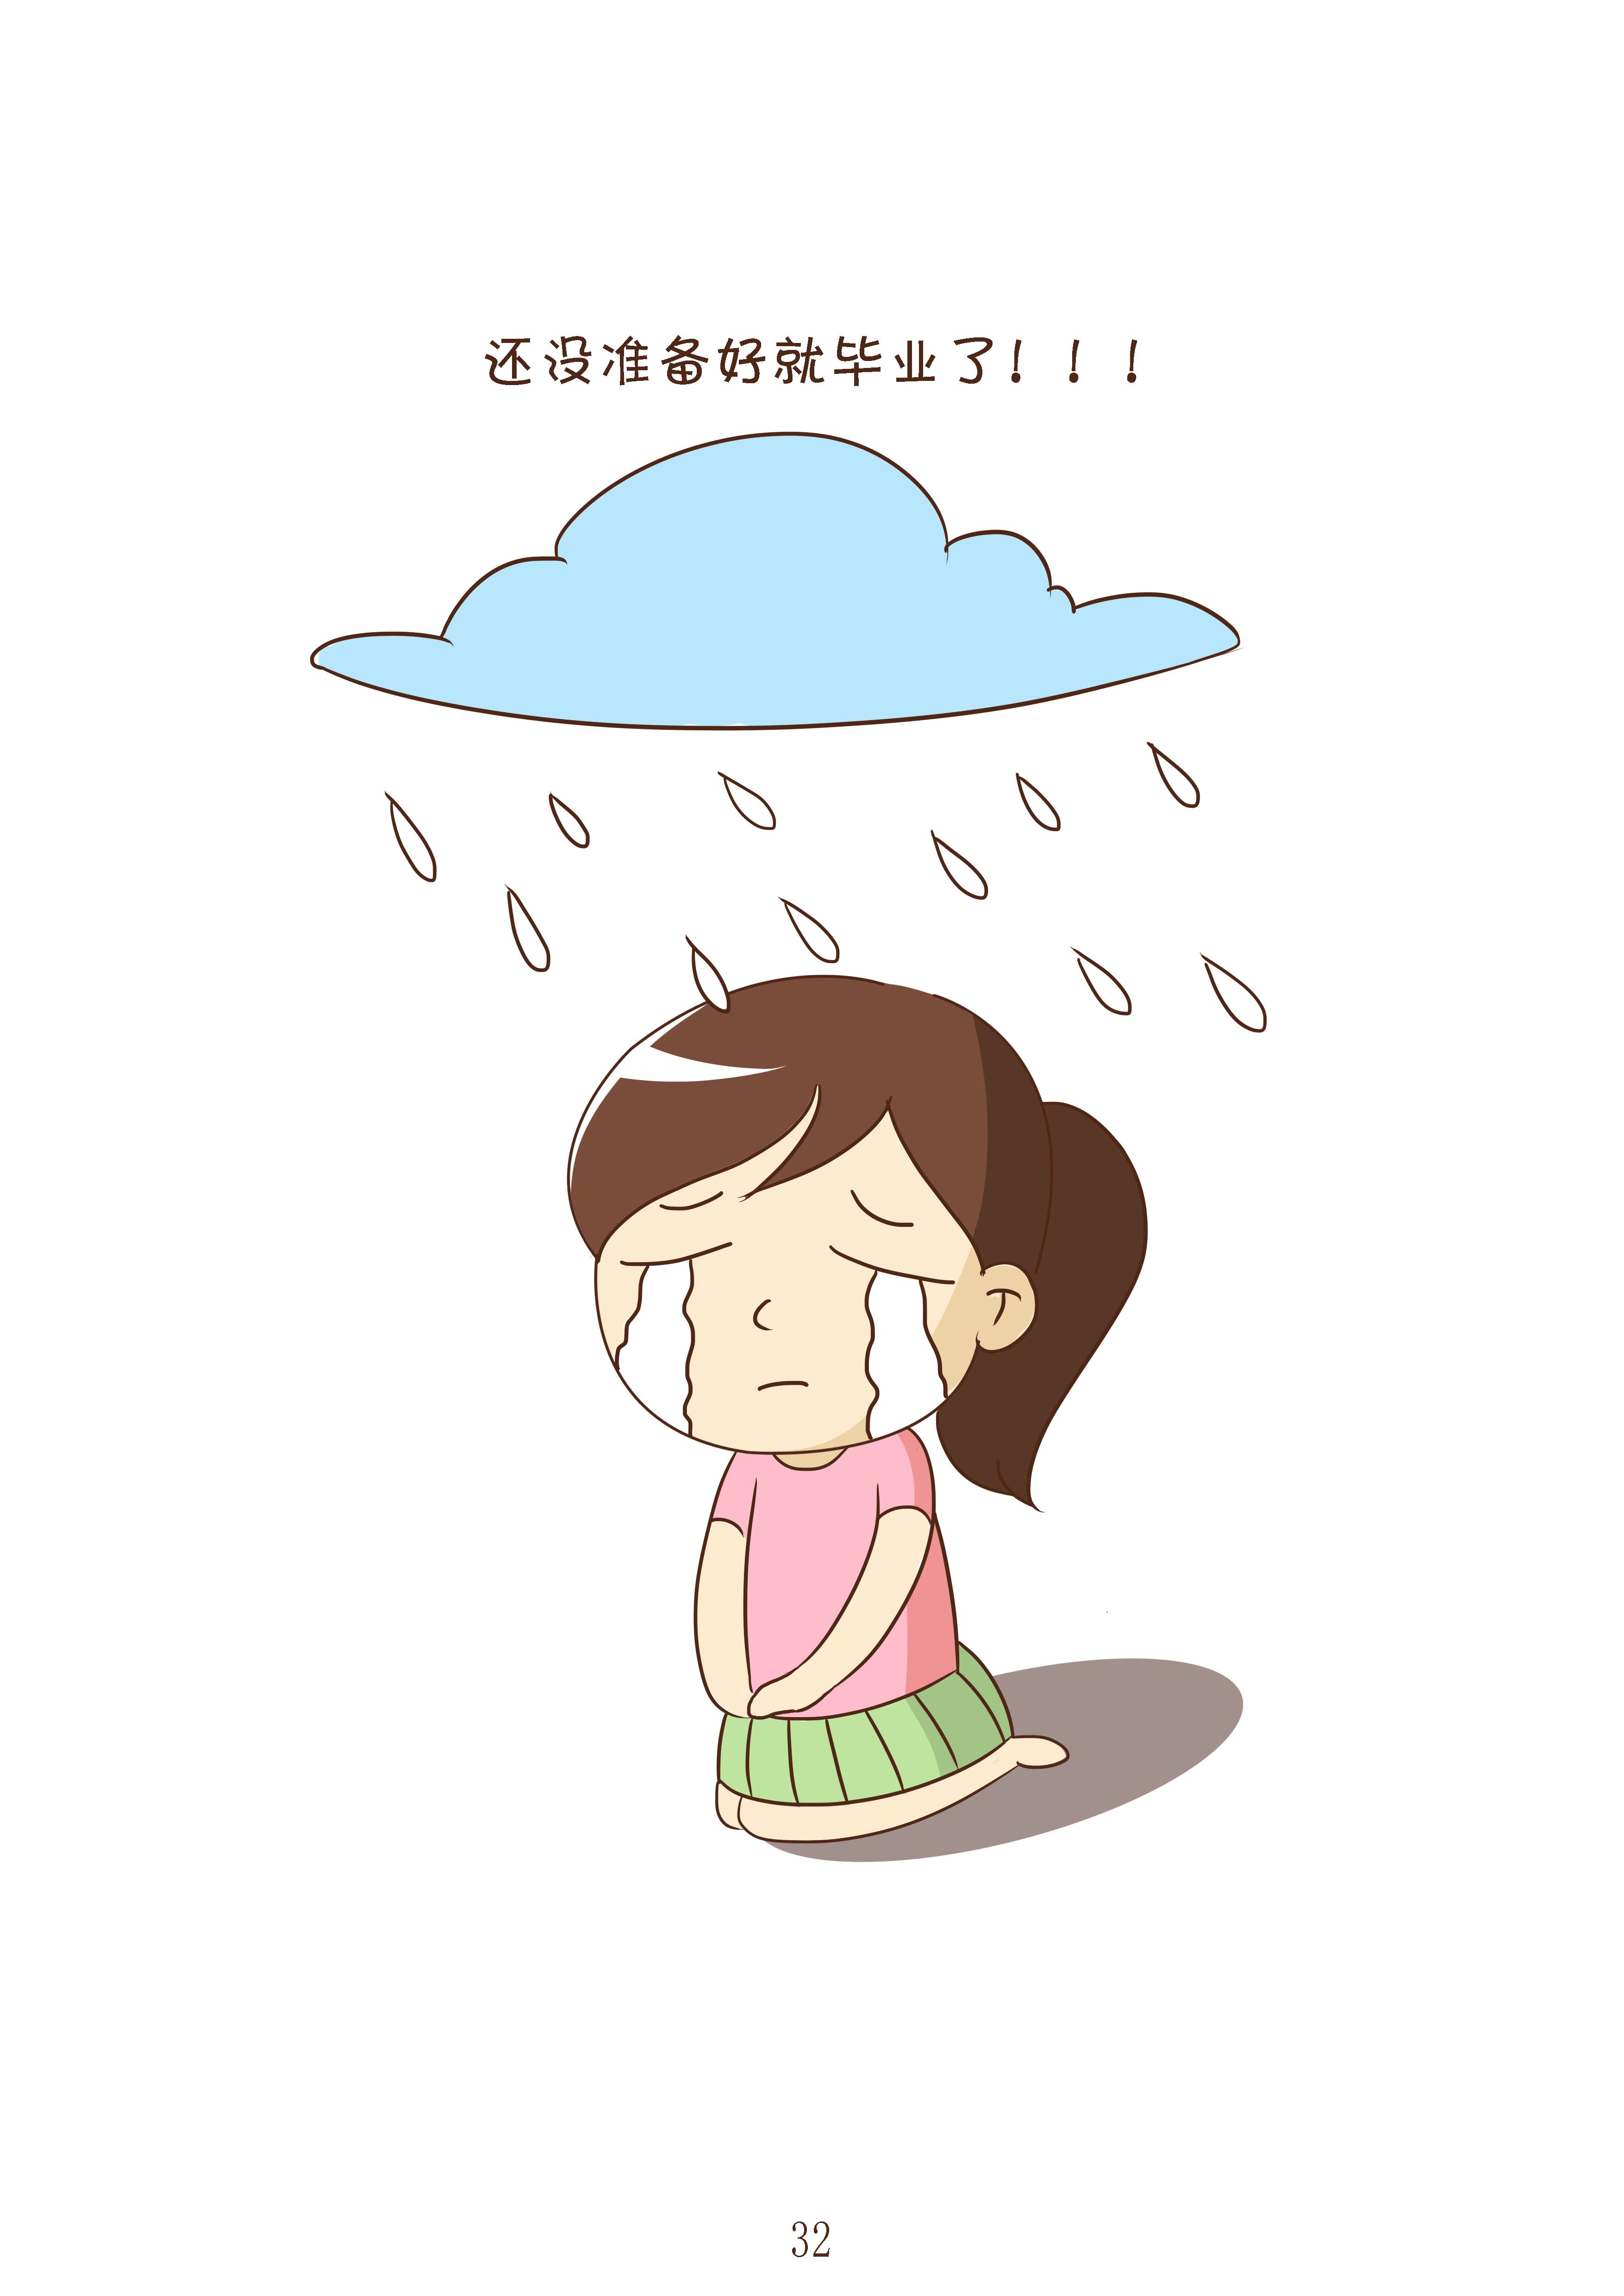 王大头の校园生活#动漫作品